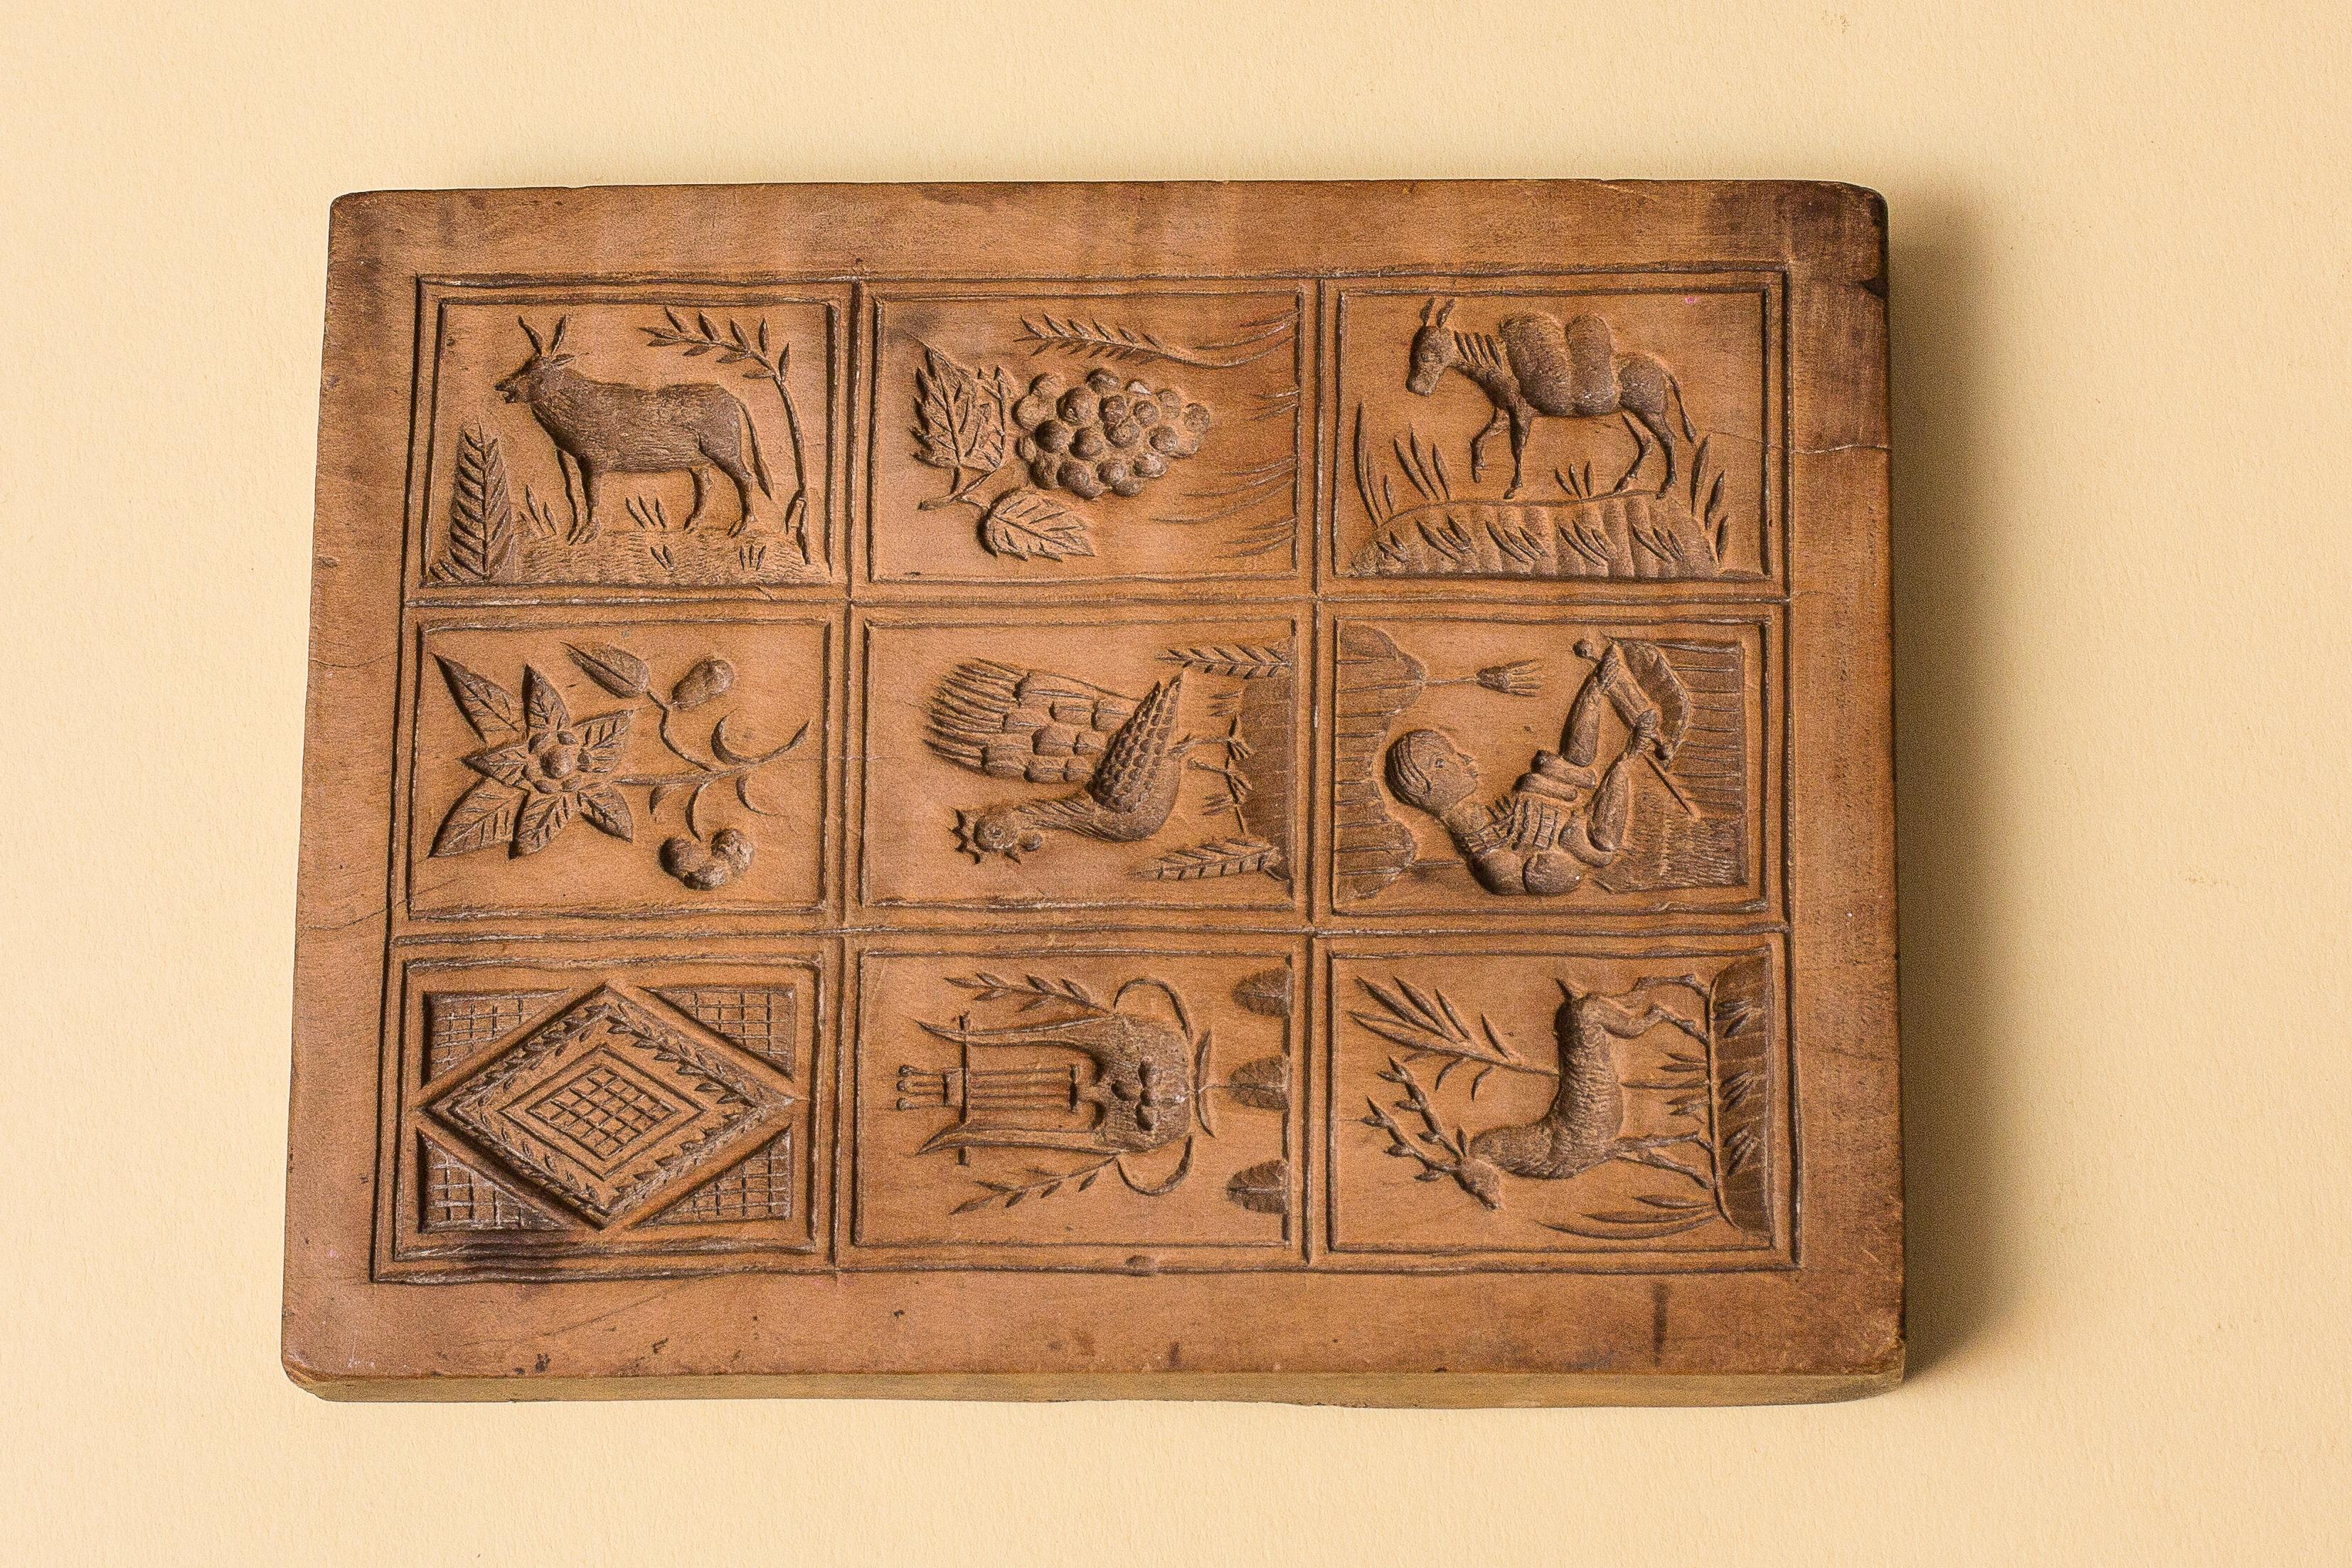 Fotos Gratis Antiguo Modelo Mueble Pecho Esculpir Galletas  # Muebles Tallados En Madera